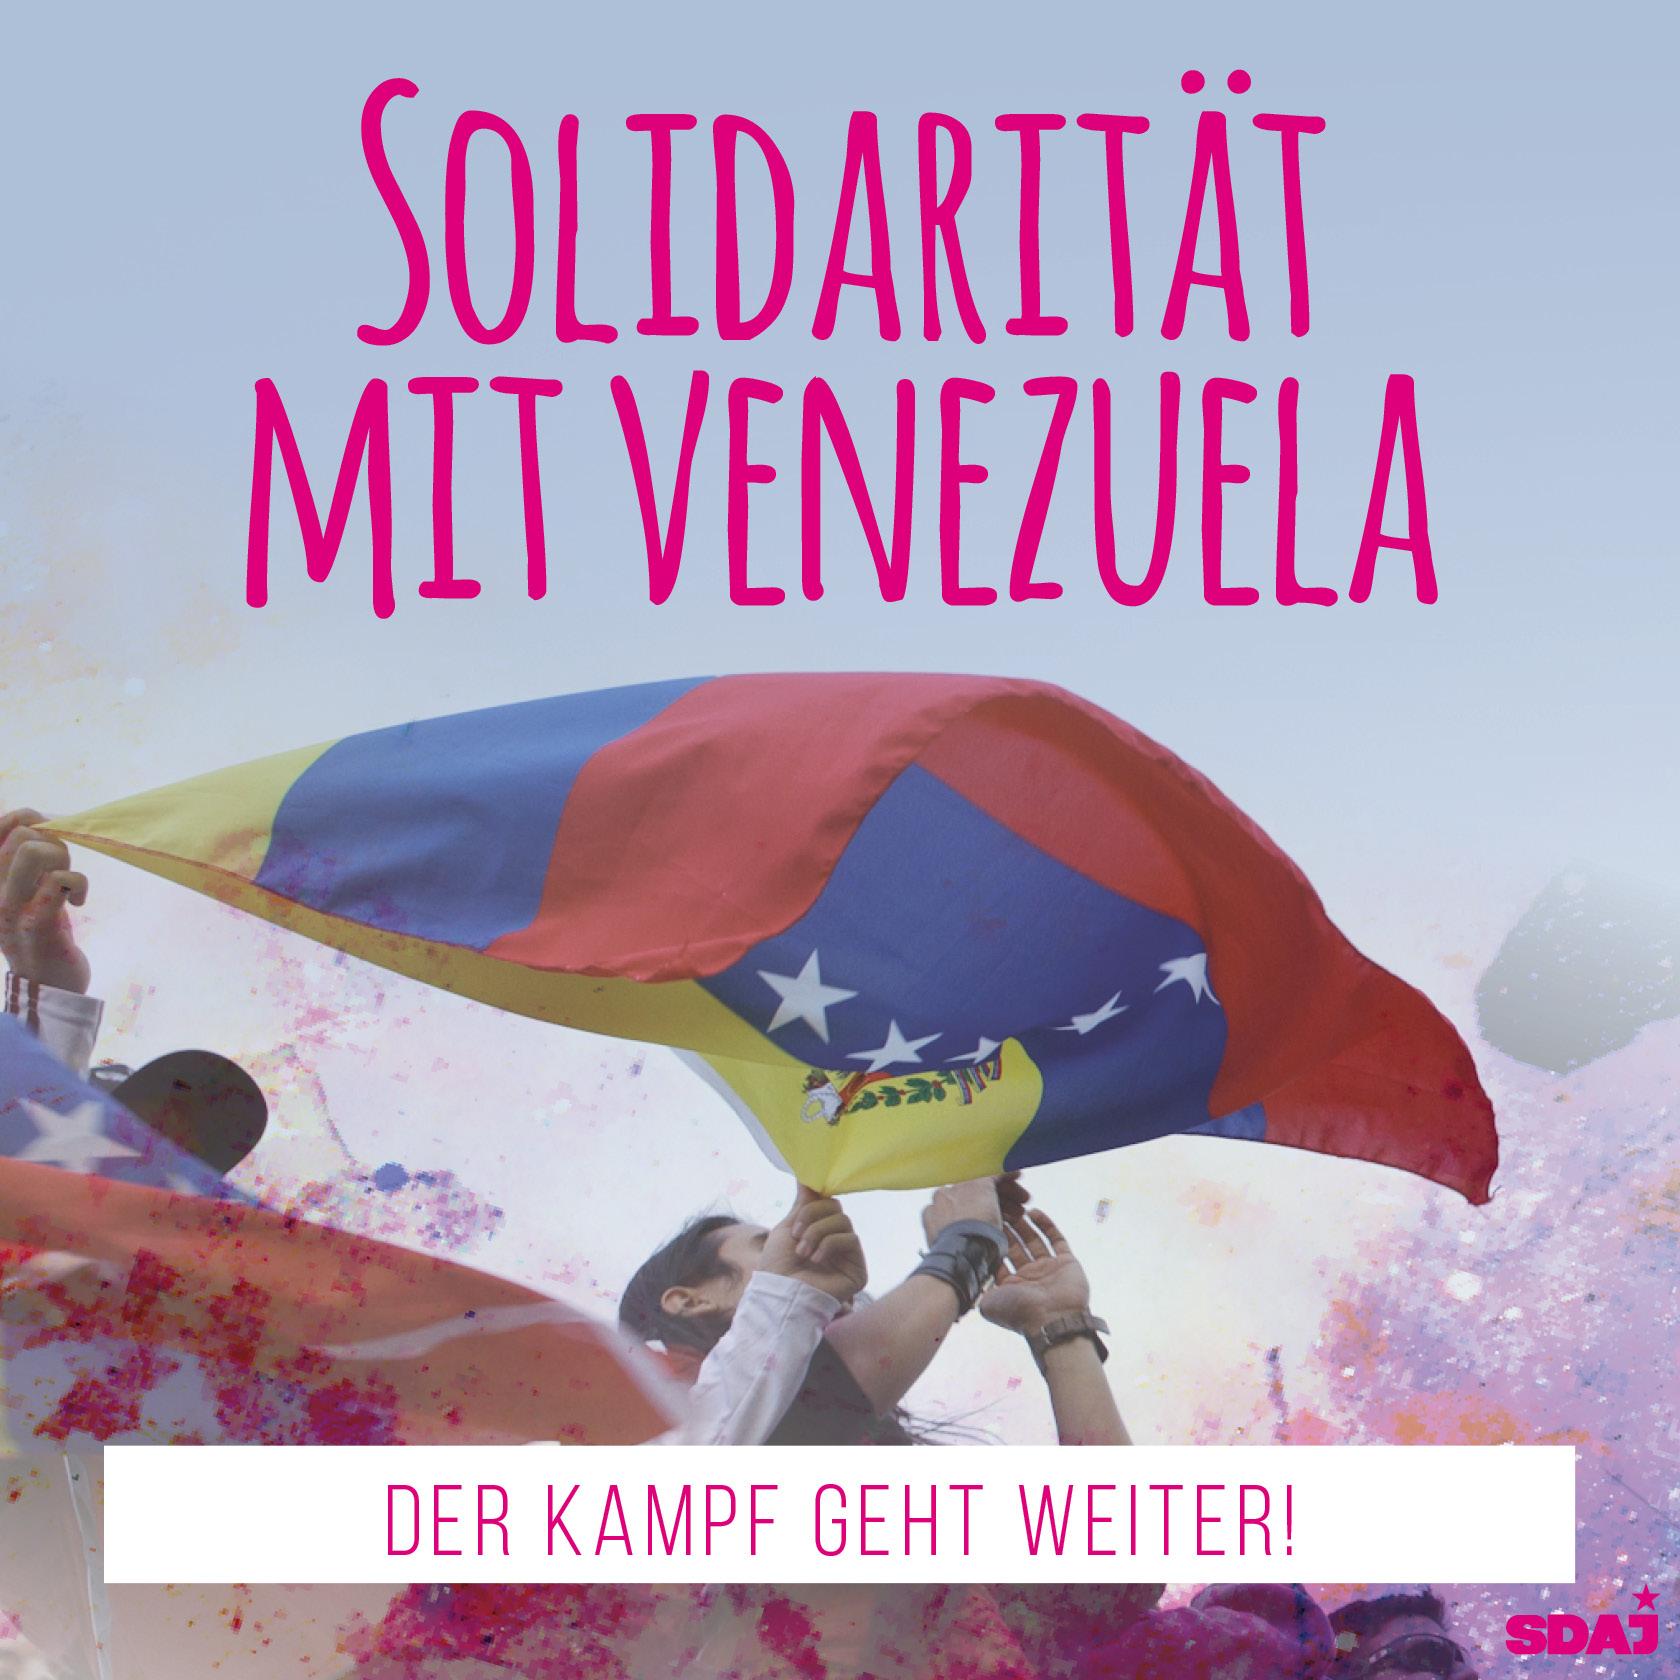 Zur aktuellen Situation in Venezuela